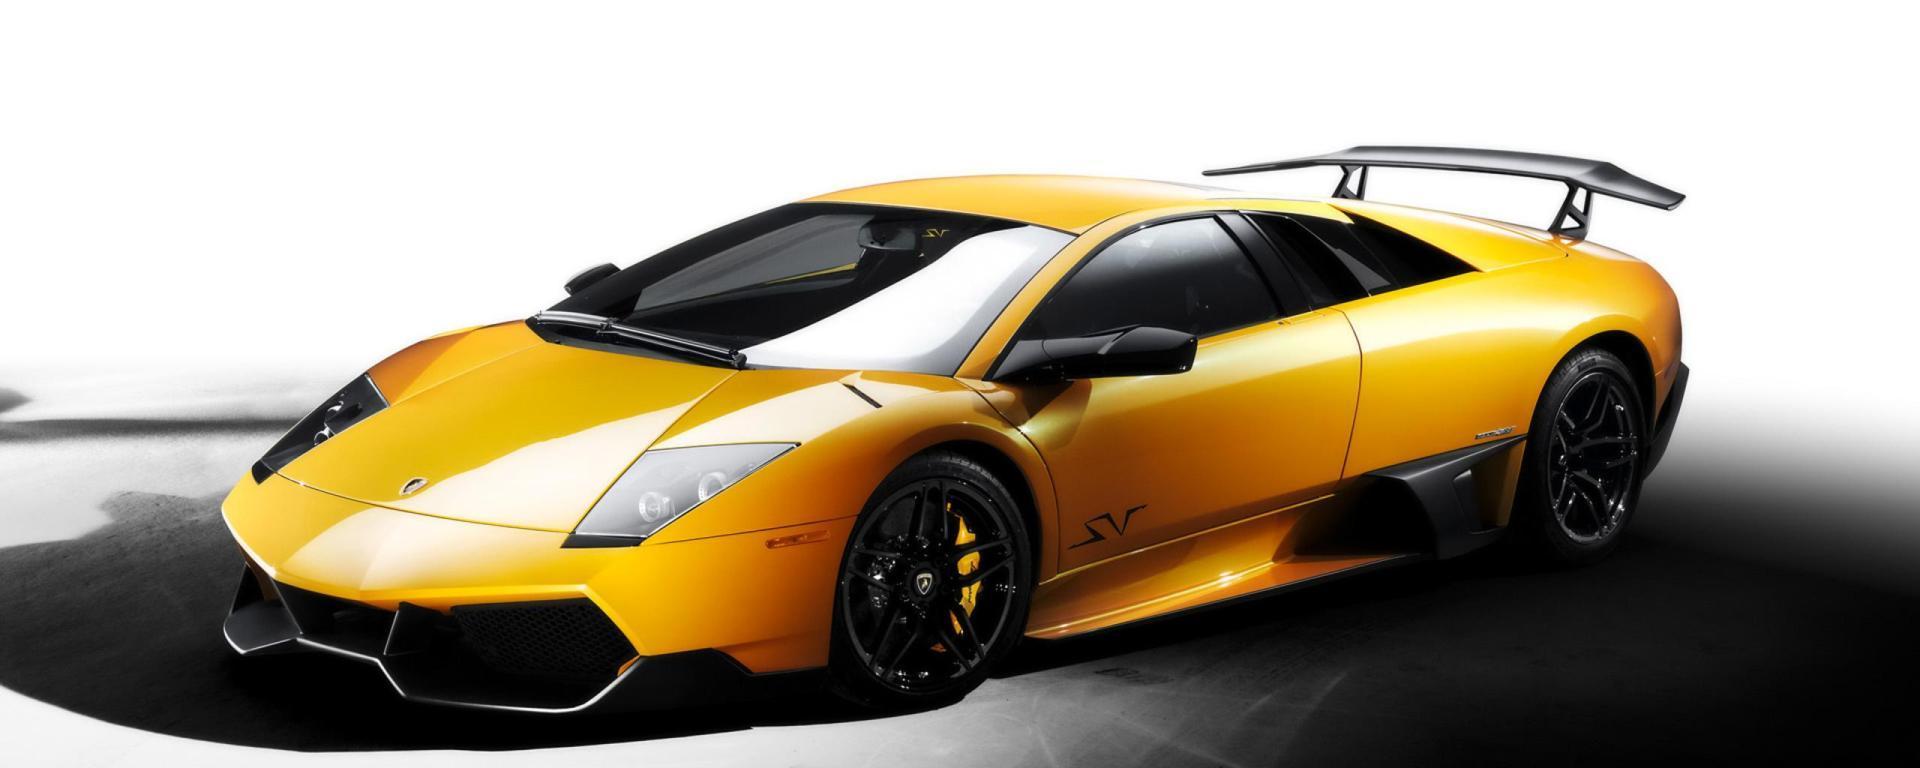 Lamborghini Murcielago Wallpaper 18